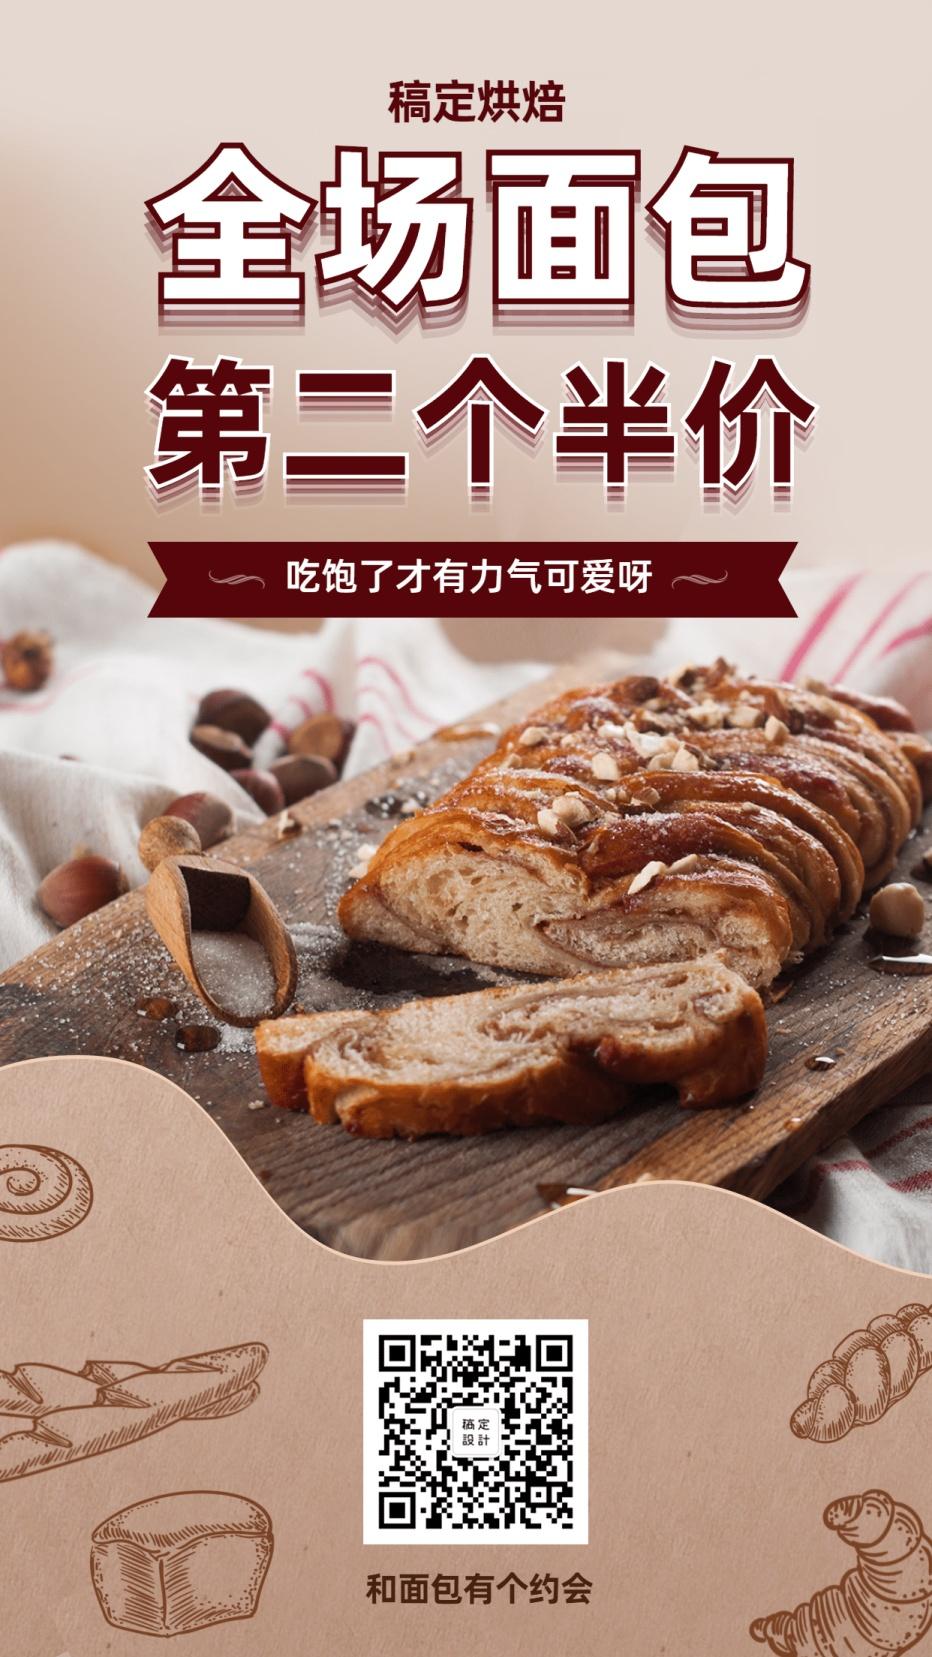 餐饮美食/面包甜点促销/简约文艺/手机海报